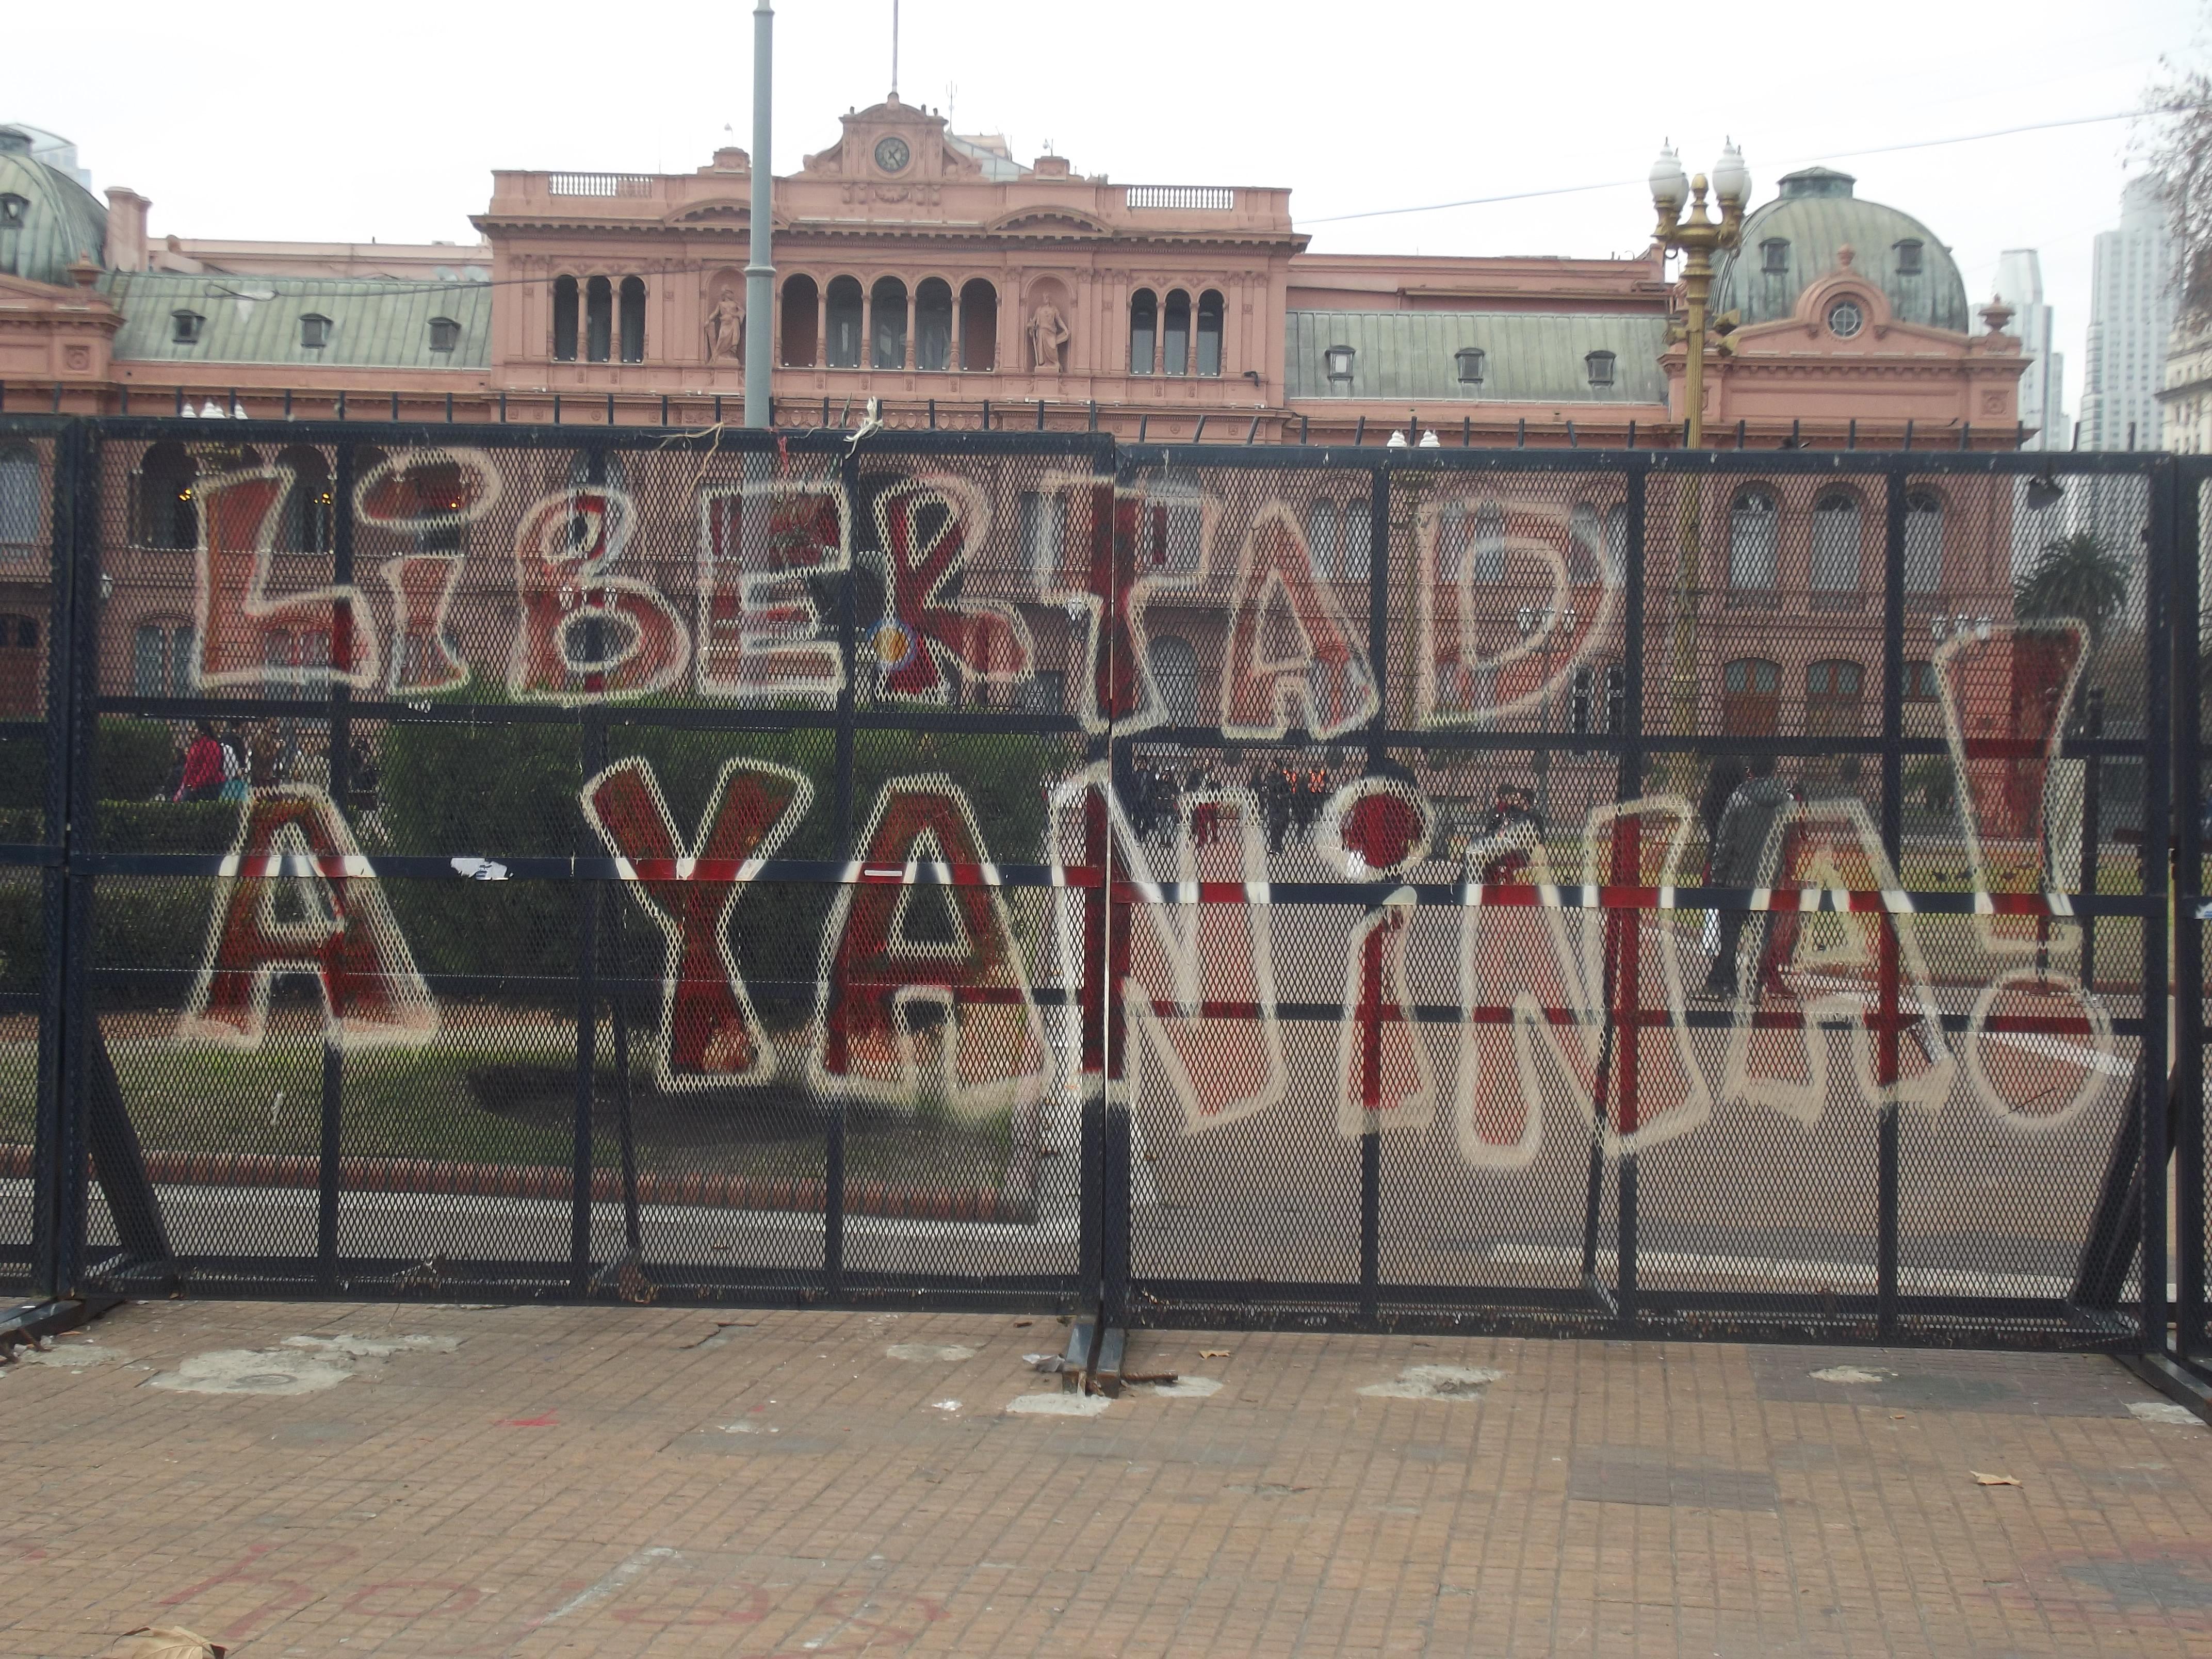 Cerco foi colocado por tempo indeterminado em frente à Casa Rosada pelas intensas ondas de protestos. Foto: Mariana Gonzalez